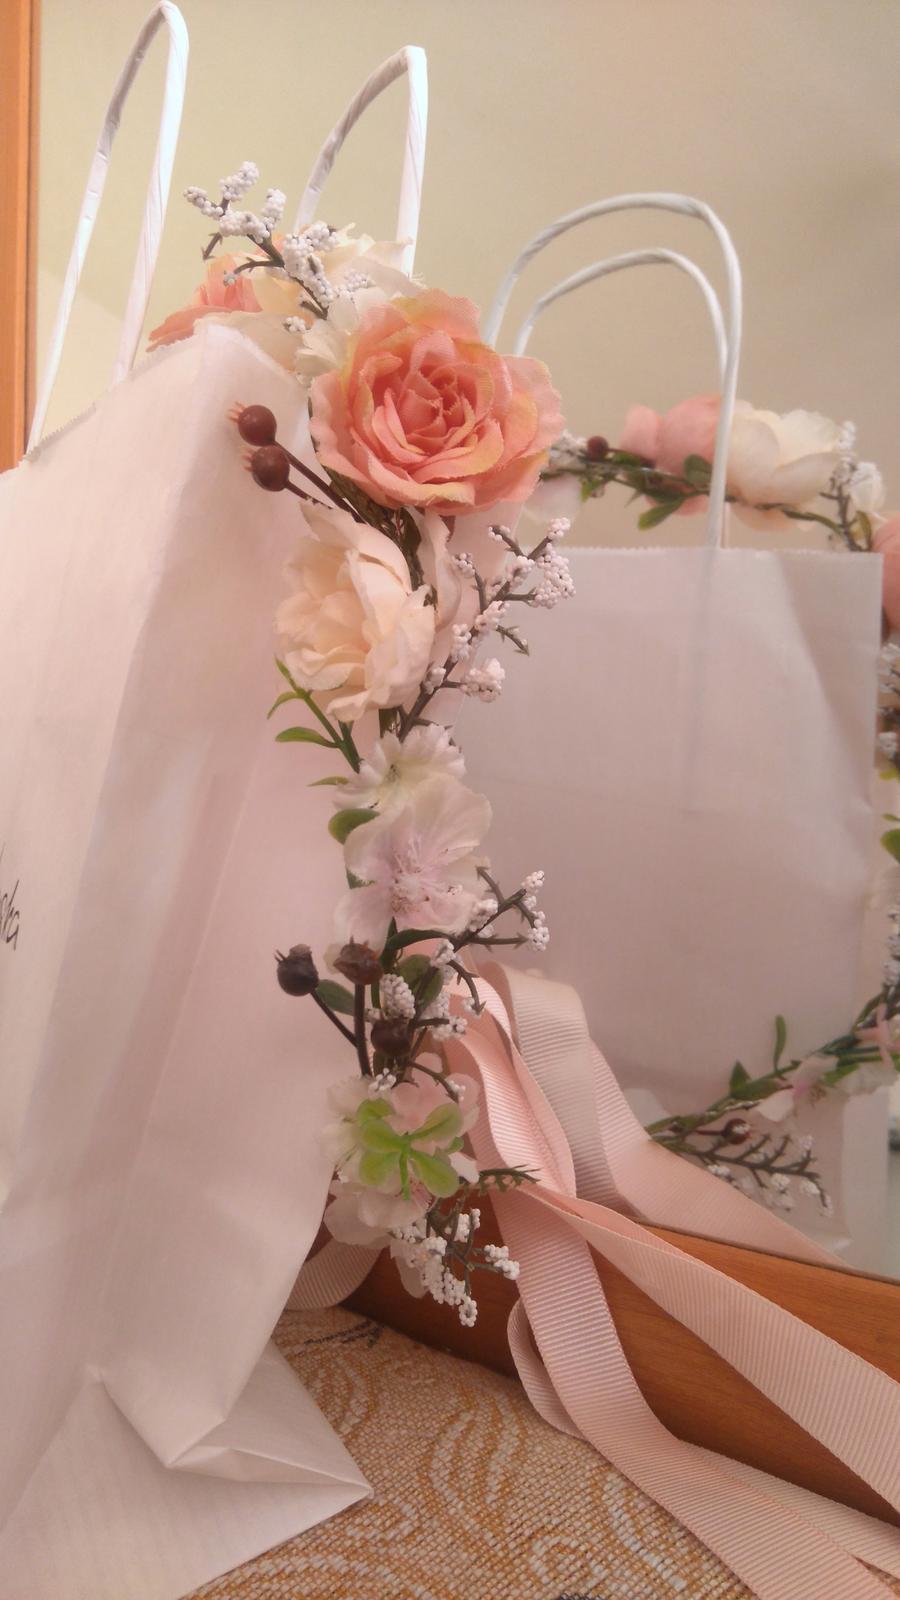 Unikátne dizajnérske boho svadobné šaty s hodvábom - Obrázok č. 4